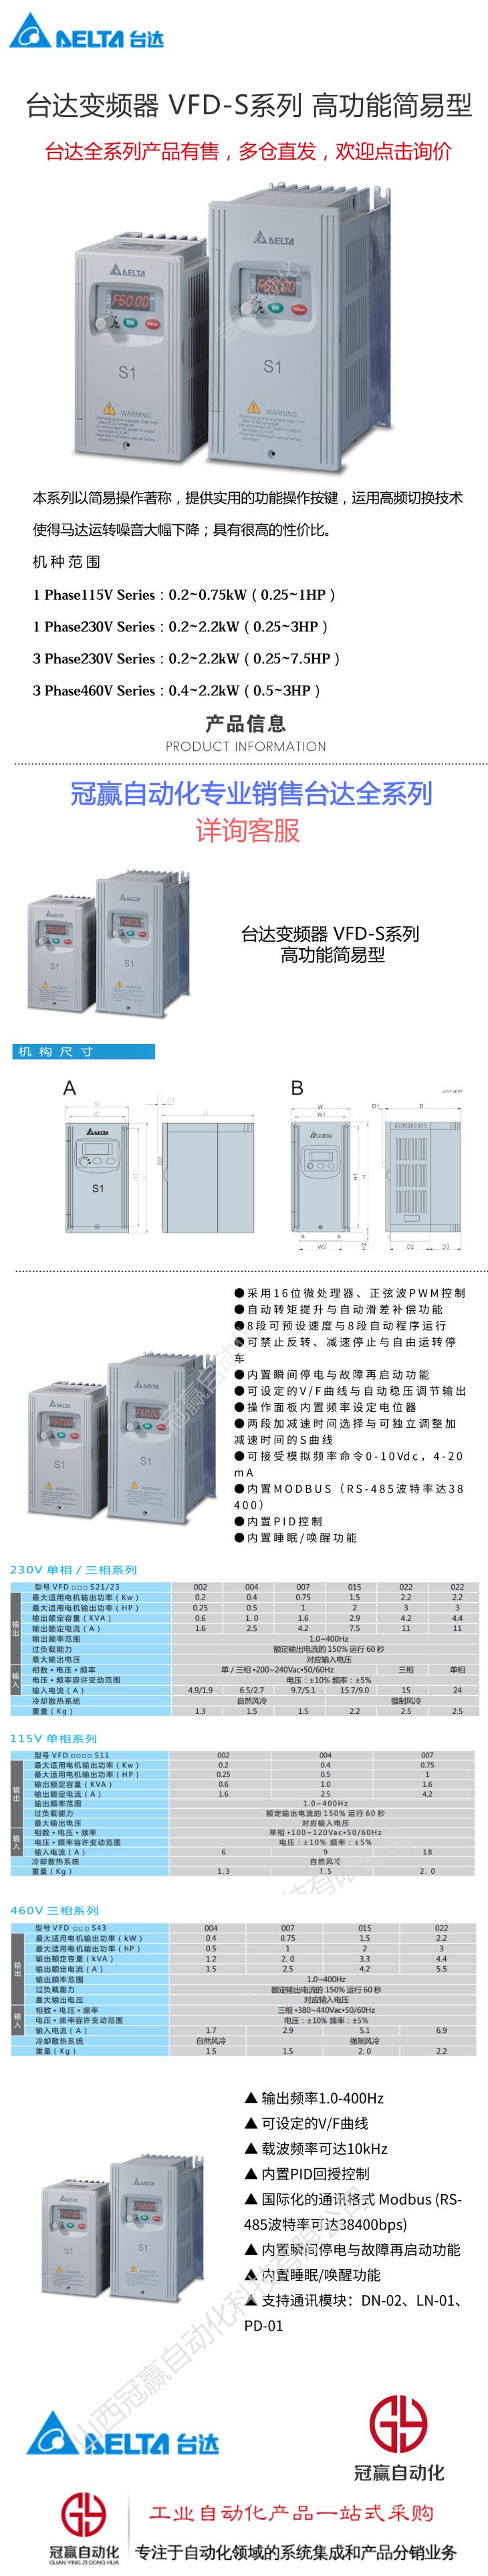 台达变频器全系列 台达VFD-S简单型变频器